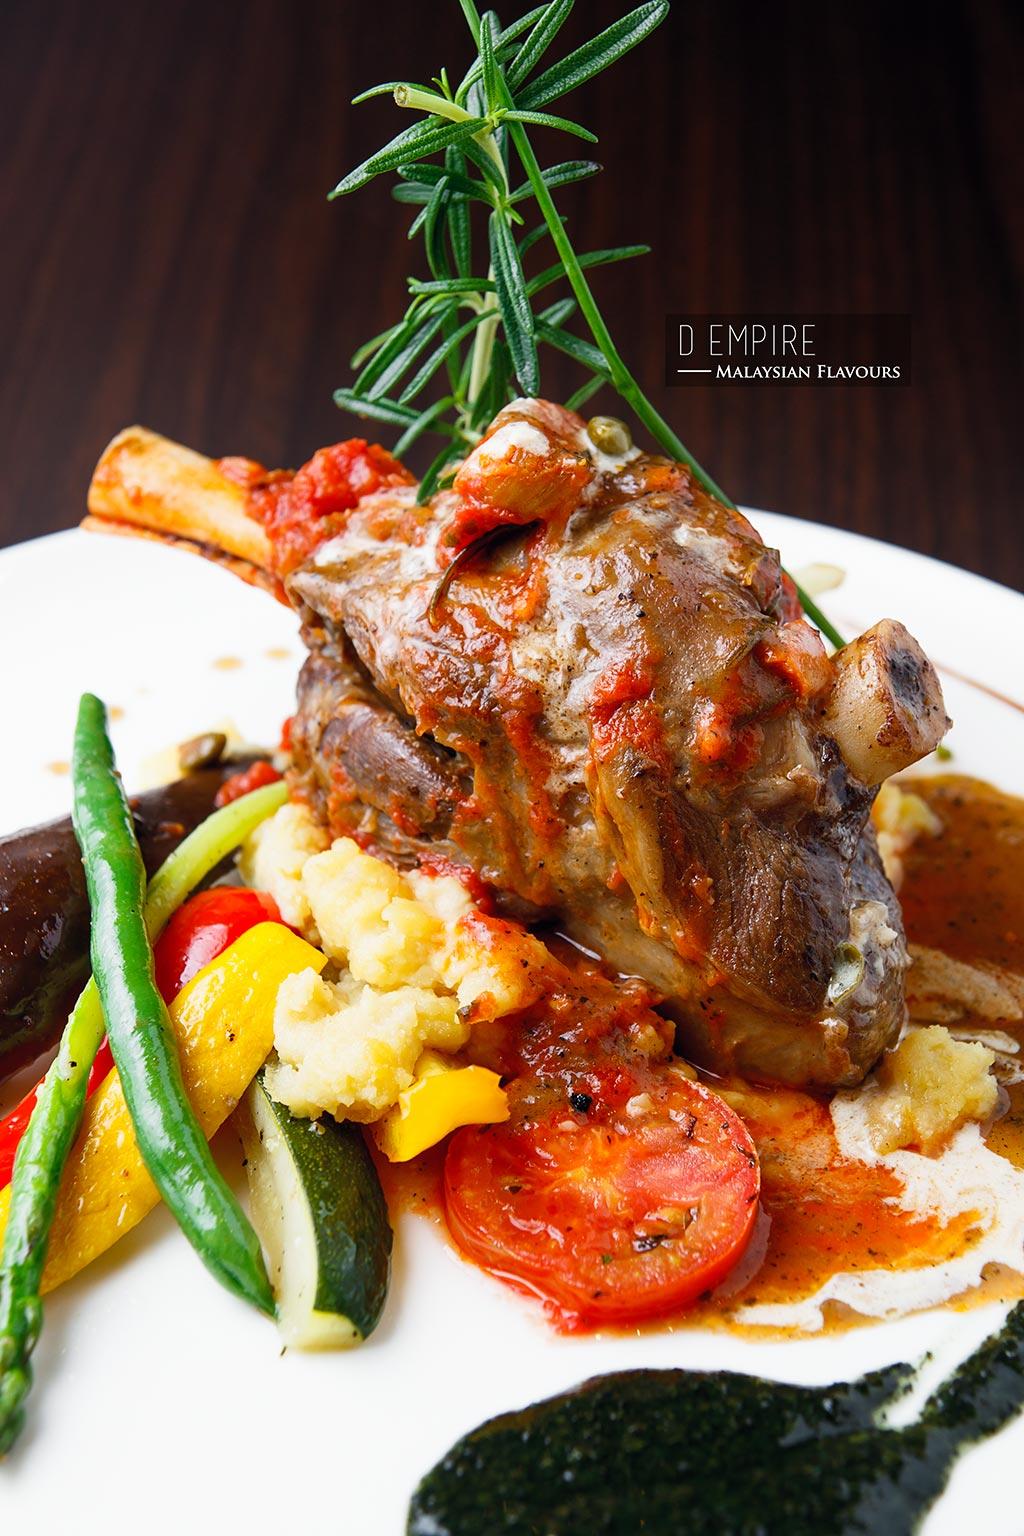 D Empire European Cuisine lamb shank